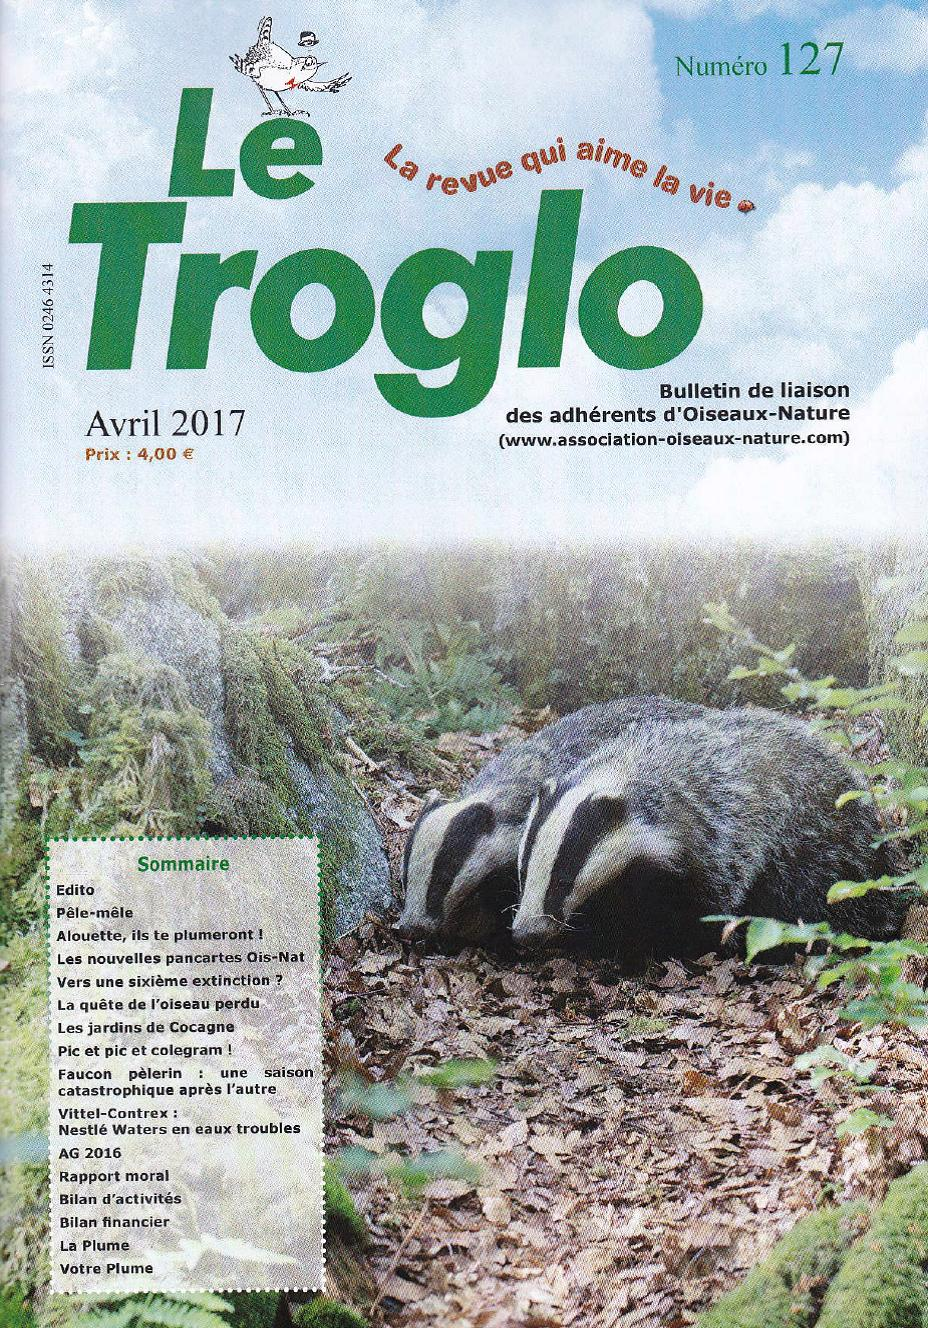 Le Troglo 127 - Avril 2017